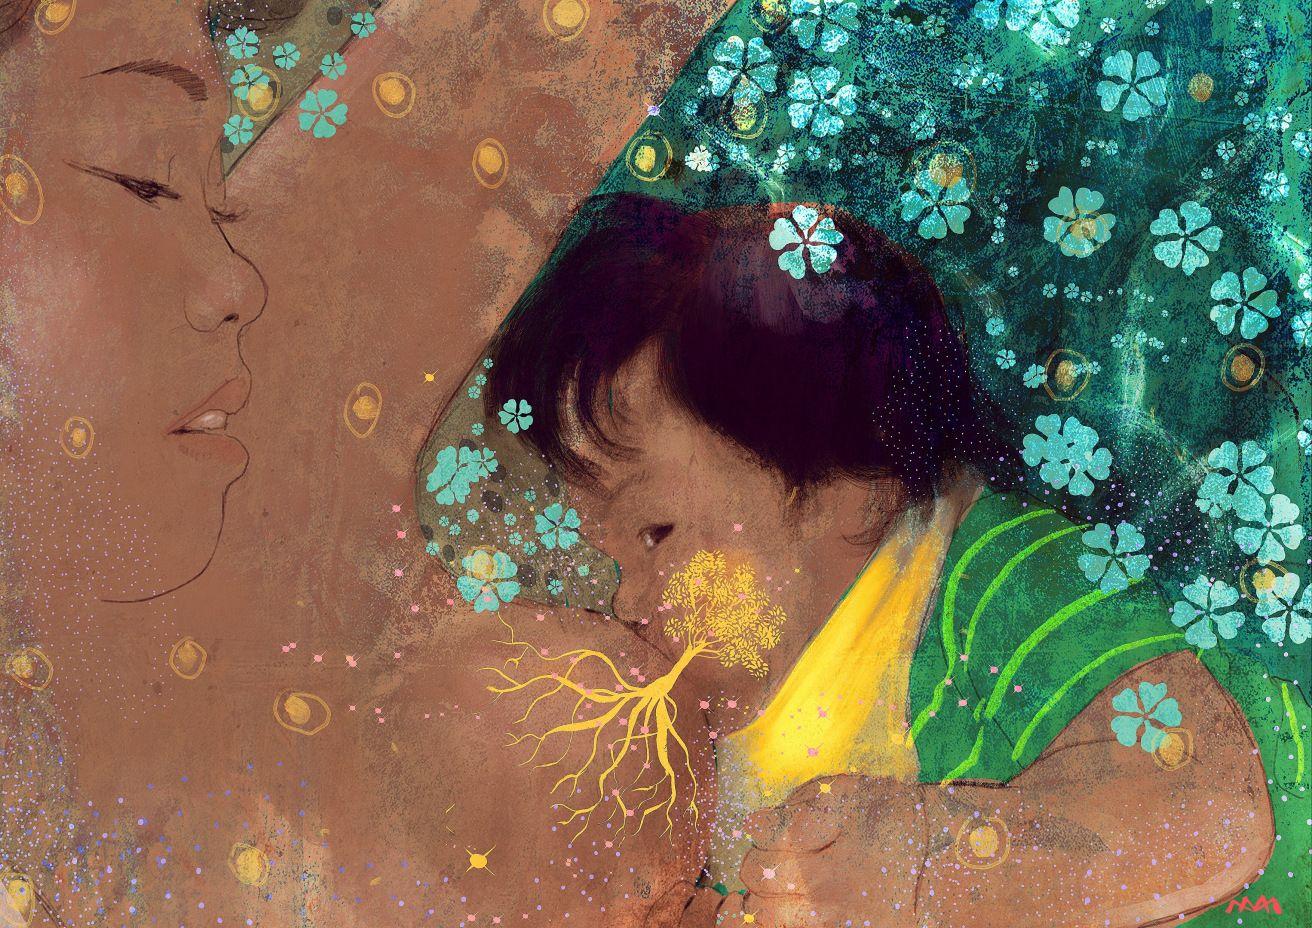 Pin on Filipino Art and Literature